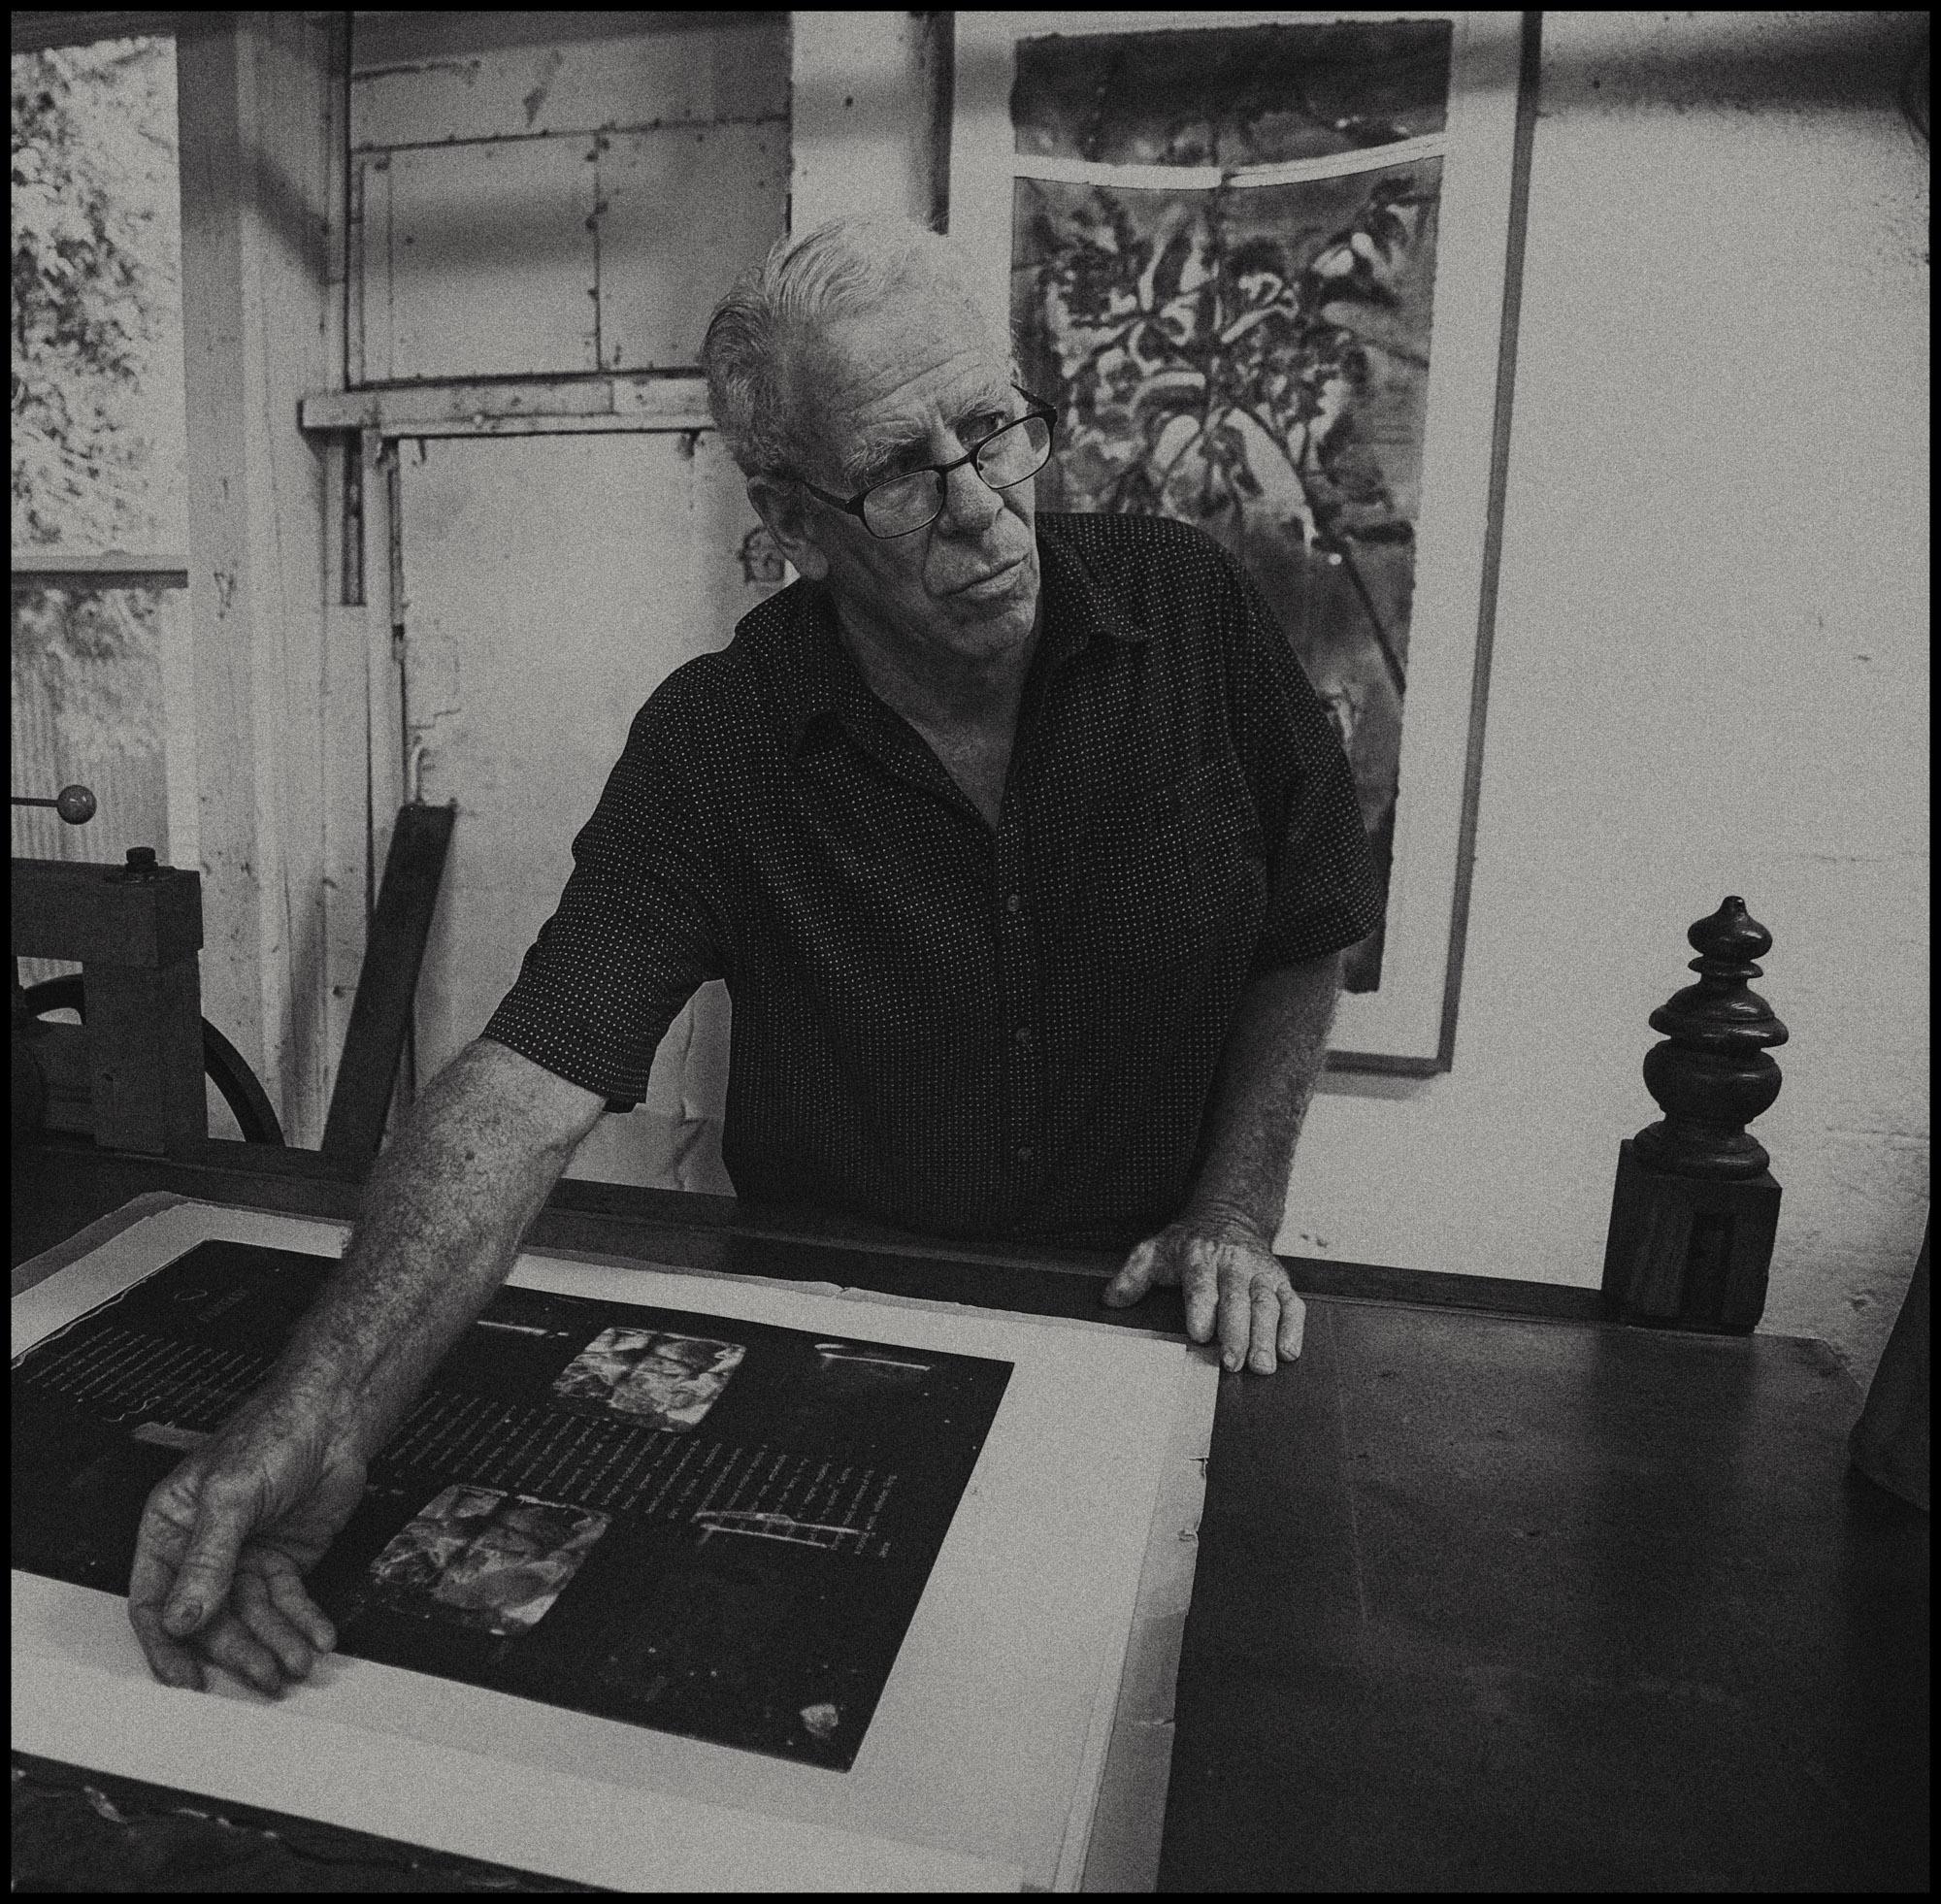 Greg Shattenberg in Studio by Jan Pieter van Voorst van Beest